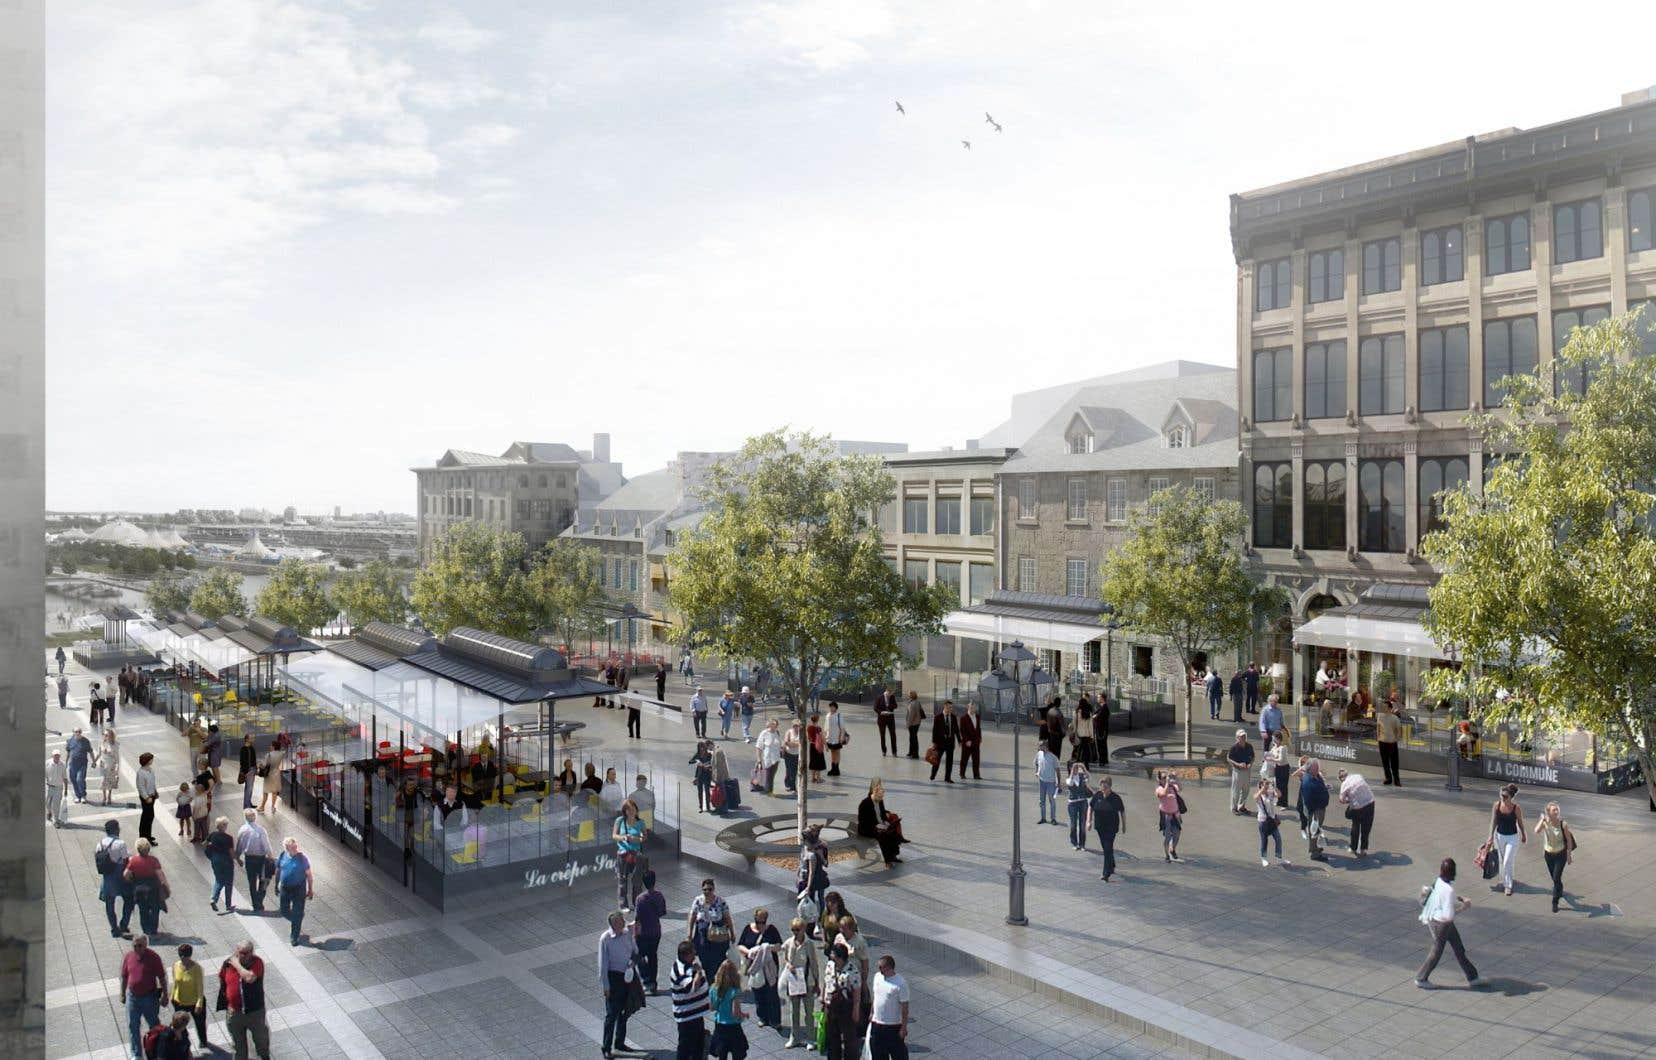 Une maquette du projet. Montréal souhaite mettre en valeur le caractère historique de la place et favoriser l'animation de la rue, été comme hiver.